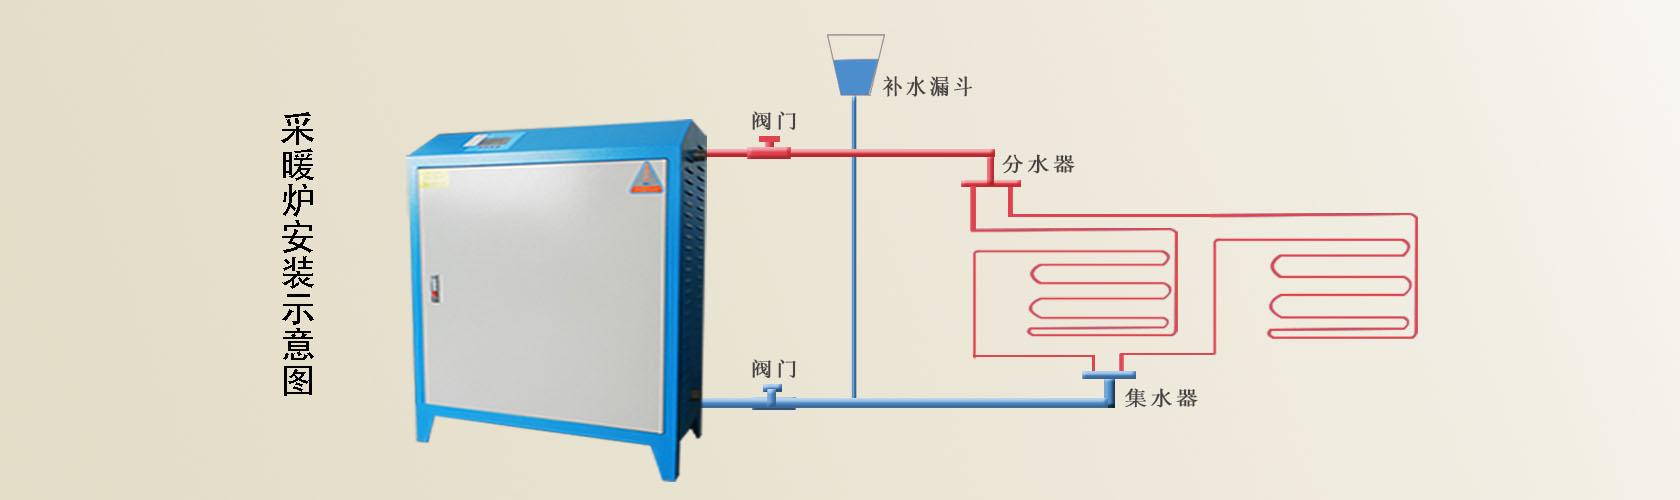 10kw电磁采暖炉安装示意图